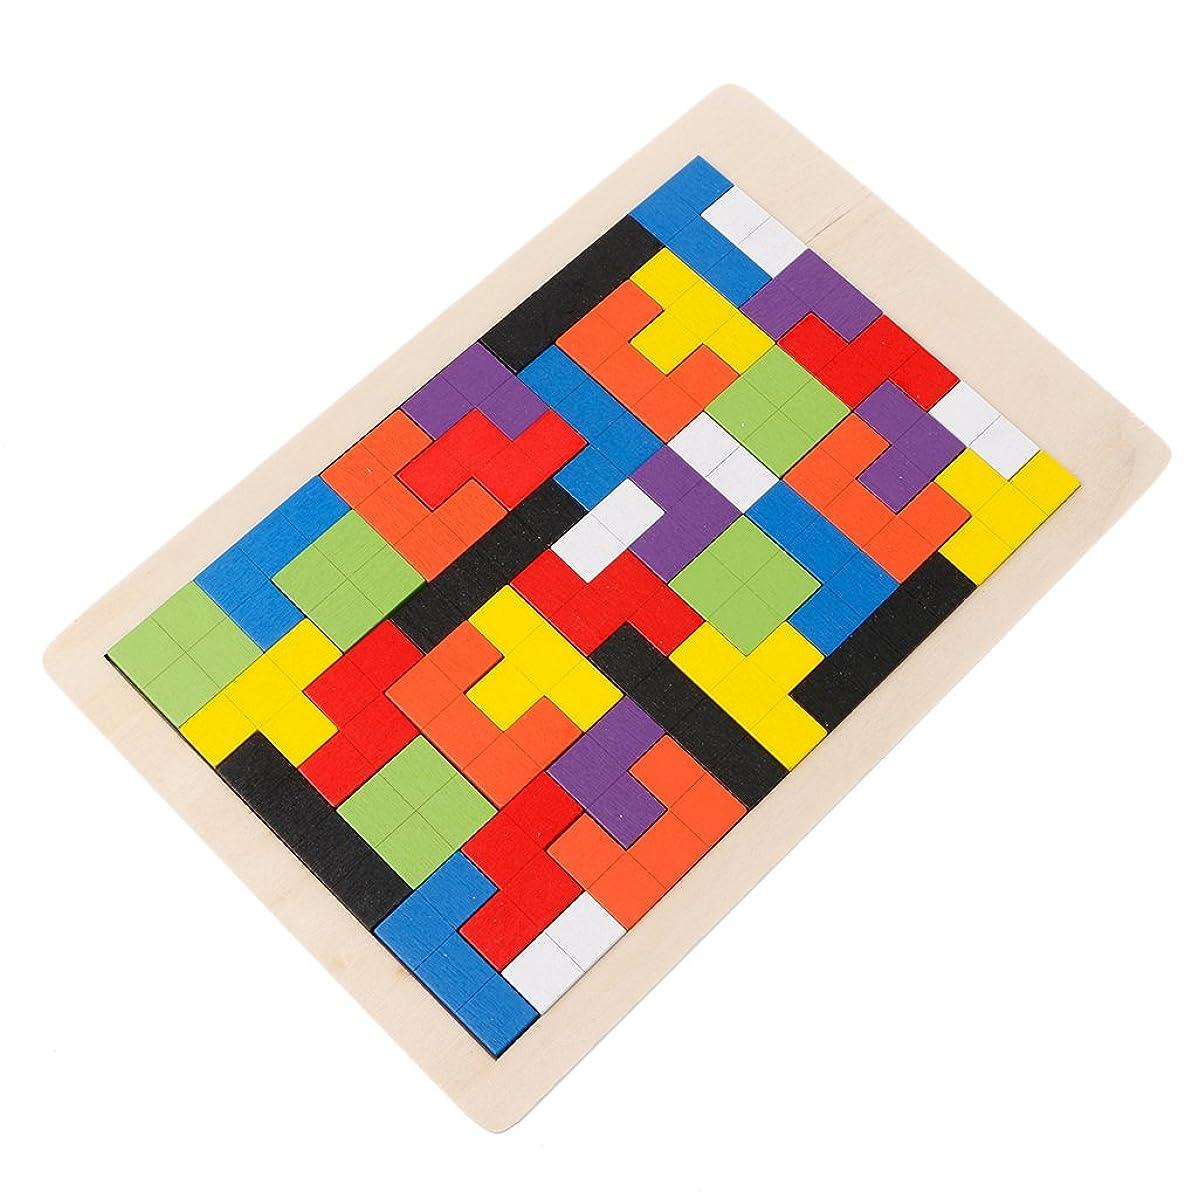 飲食店コース急行するパズル、Dabixx木製テトリスパズルゲームジグソーパズルTangramキッズ教育玩具